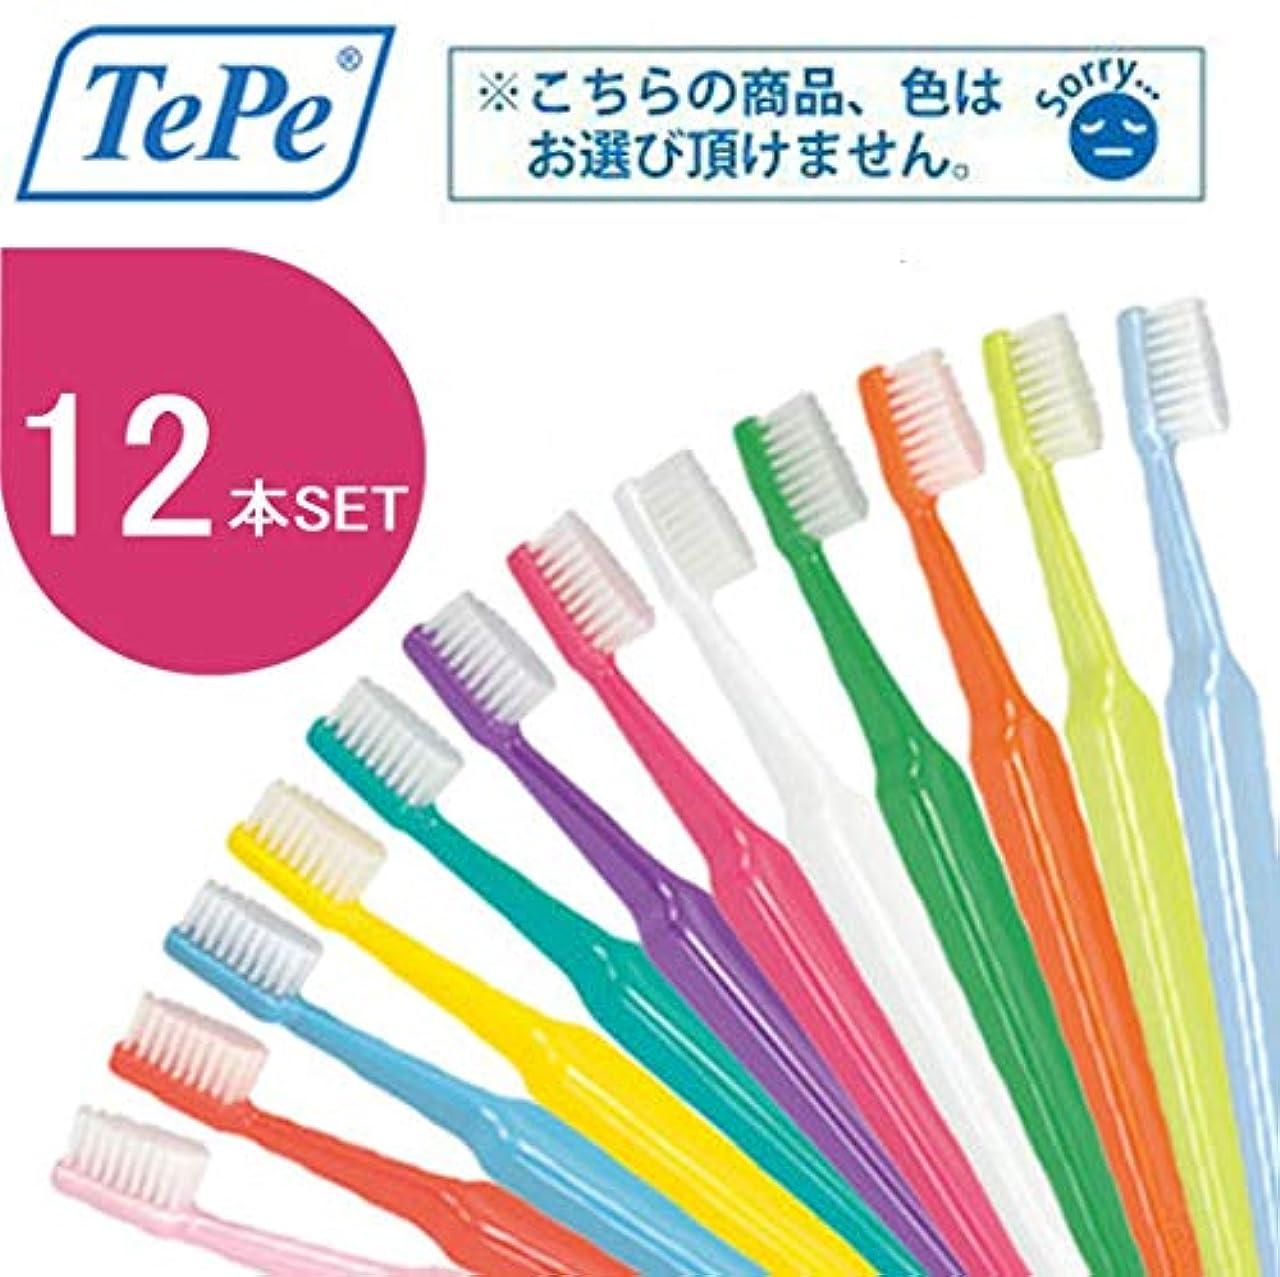 勇者花弁本当のことを言うとクロスフィールド TePe テペ セレクト 歯ブラシ 12本 (ミディアム)